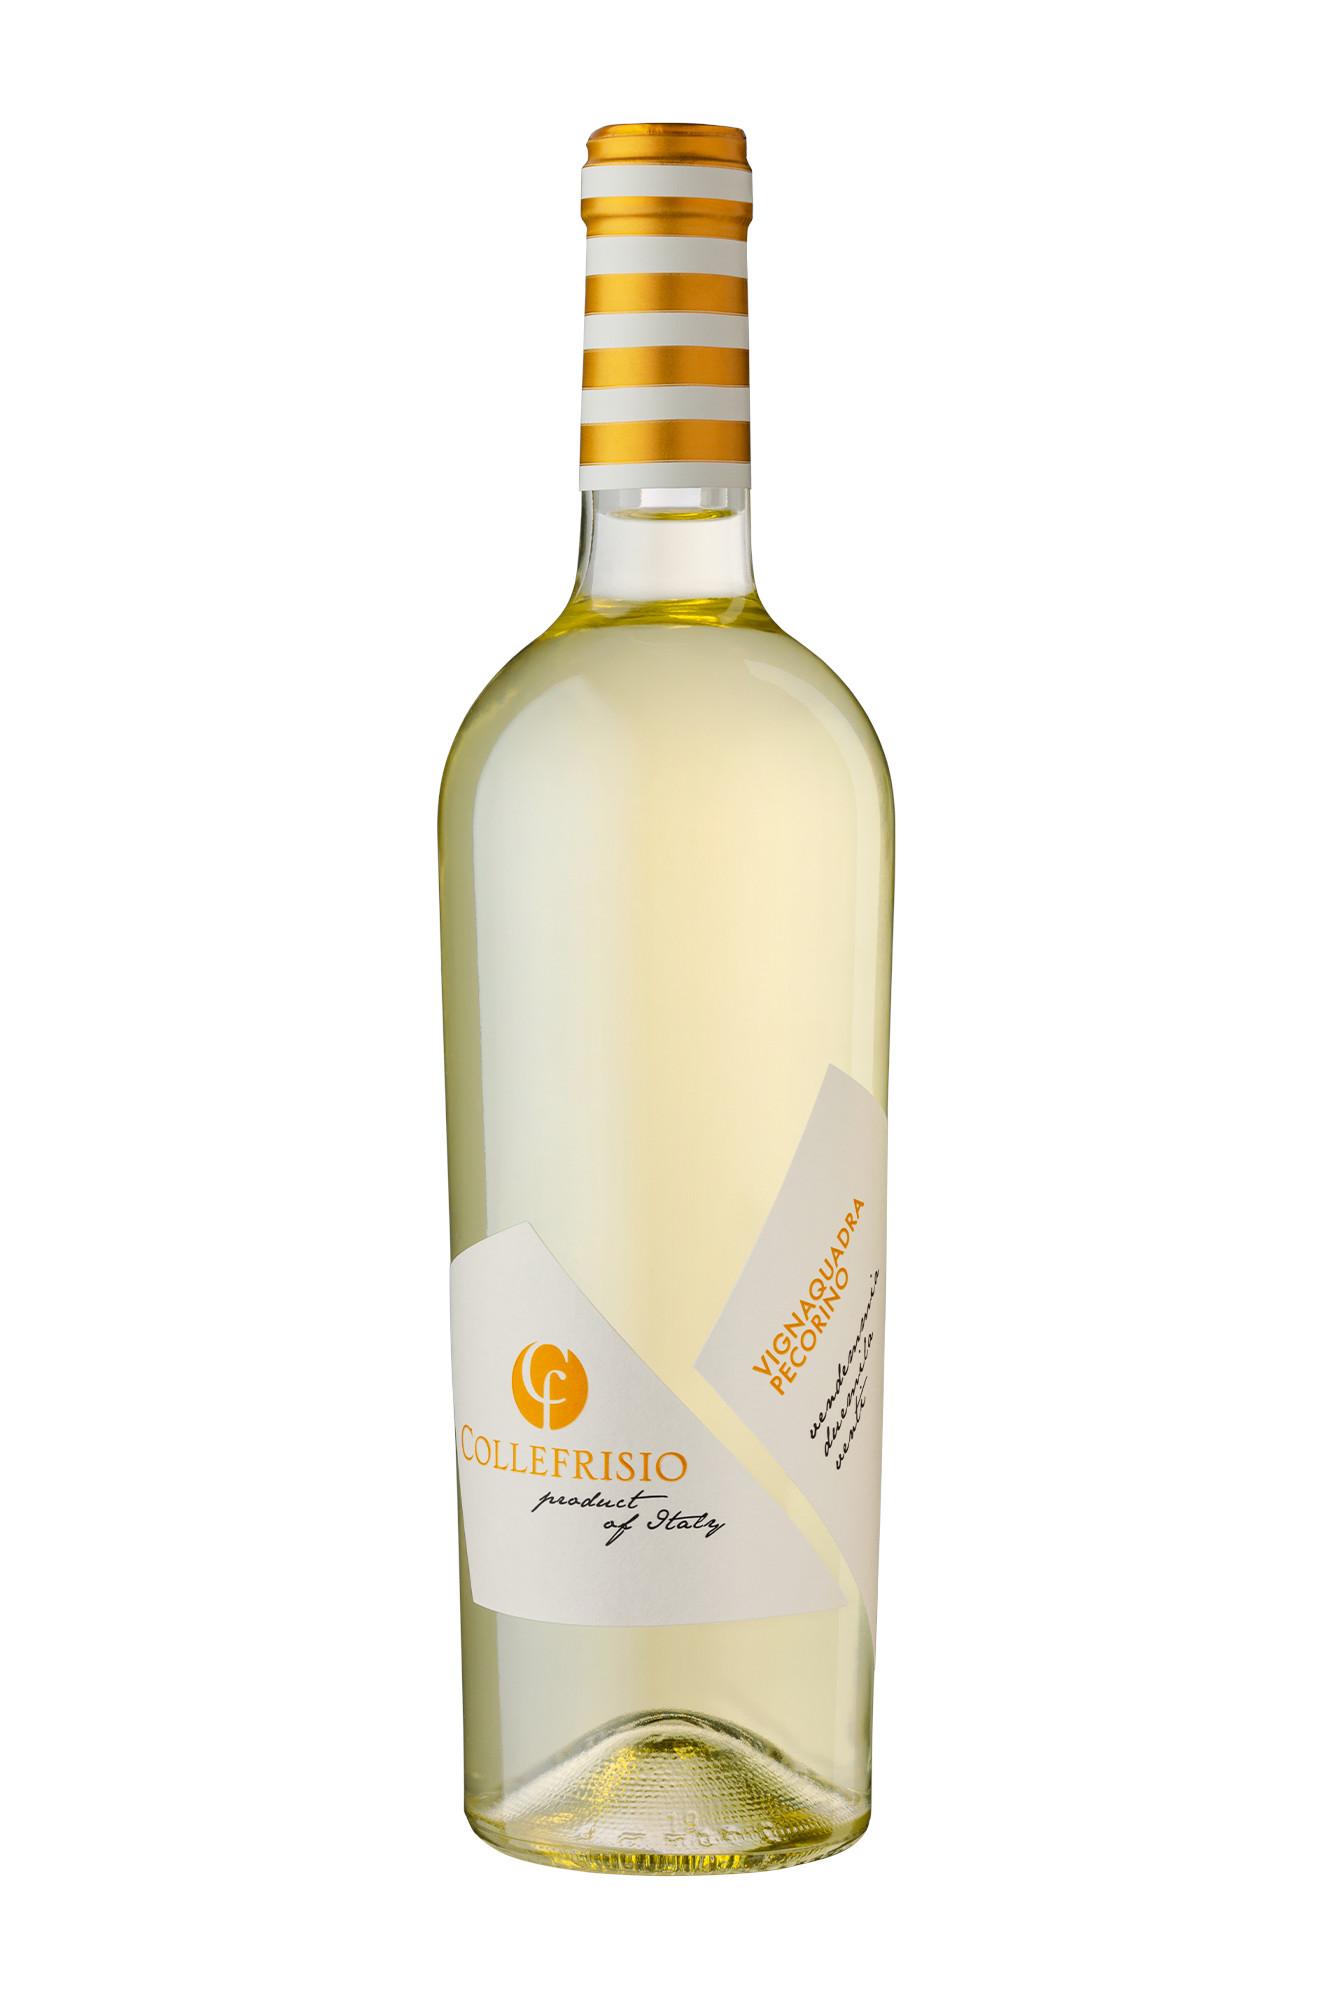 collefrisio-vini-bianco-vignaquadra-pecorino-terre-di-chieti-igt-bottiglia